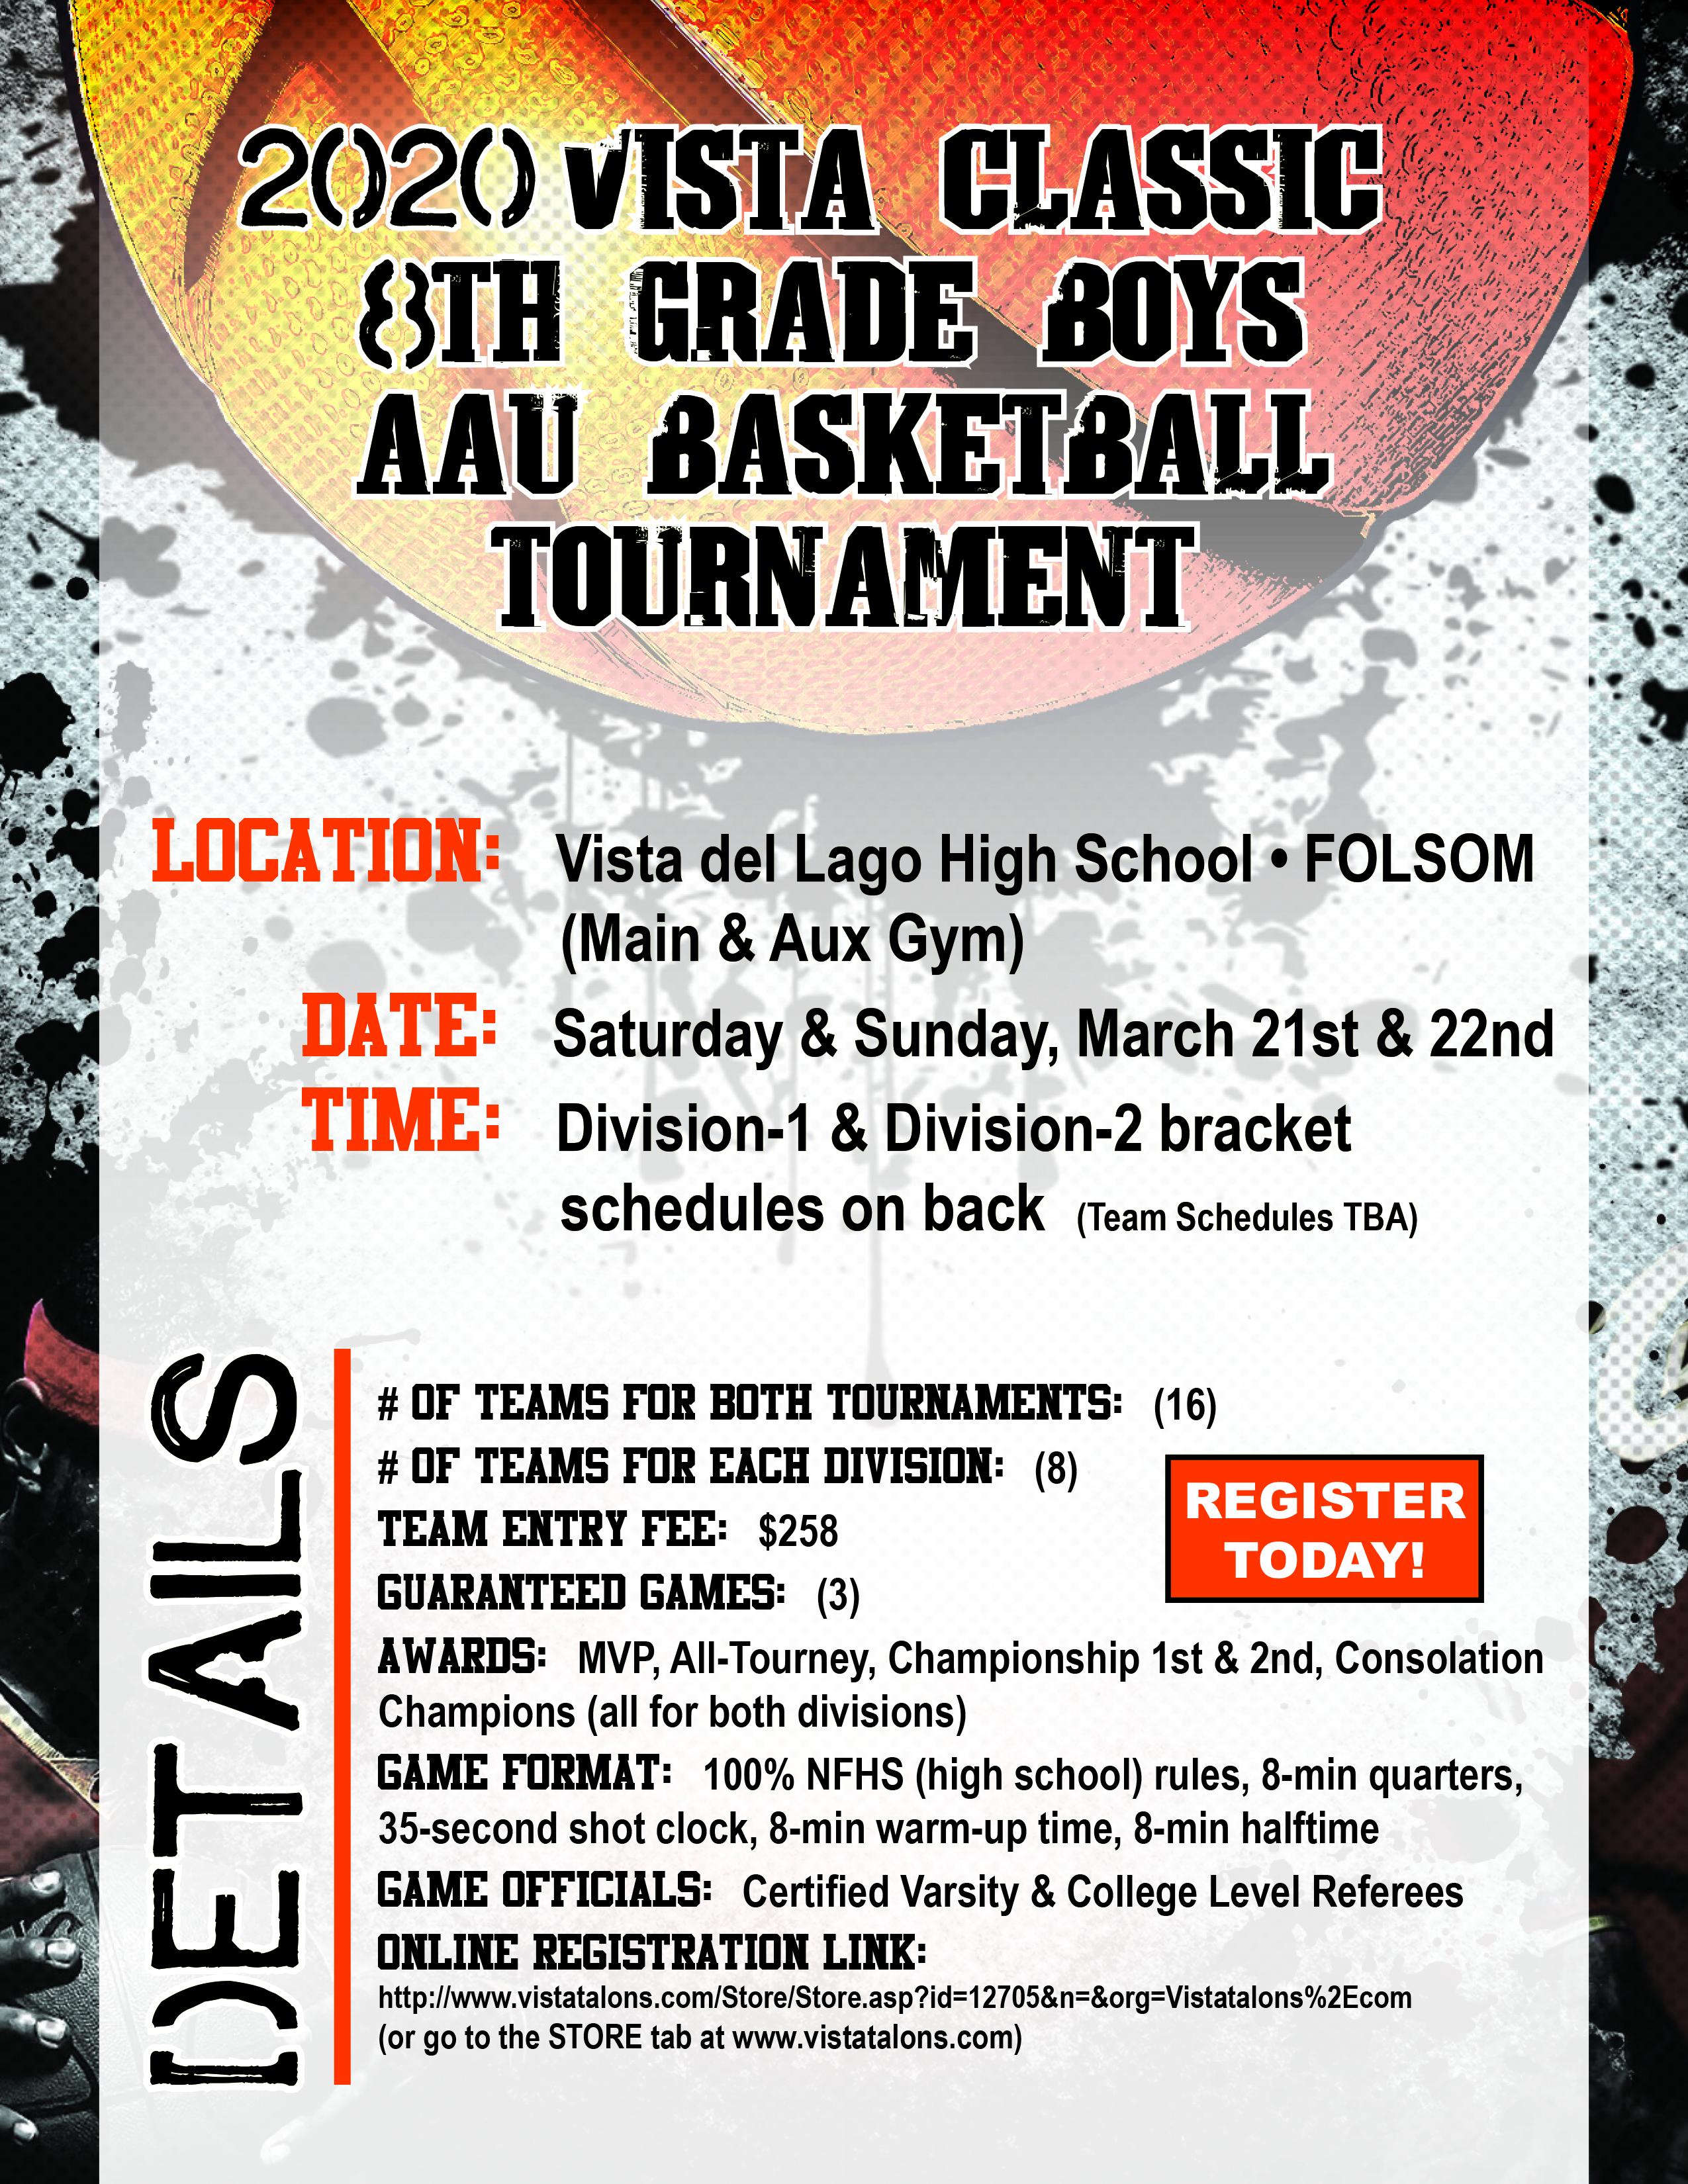 2020 Vista Classic 8th Grade Boys AAU Basketball Tournament